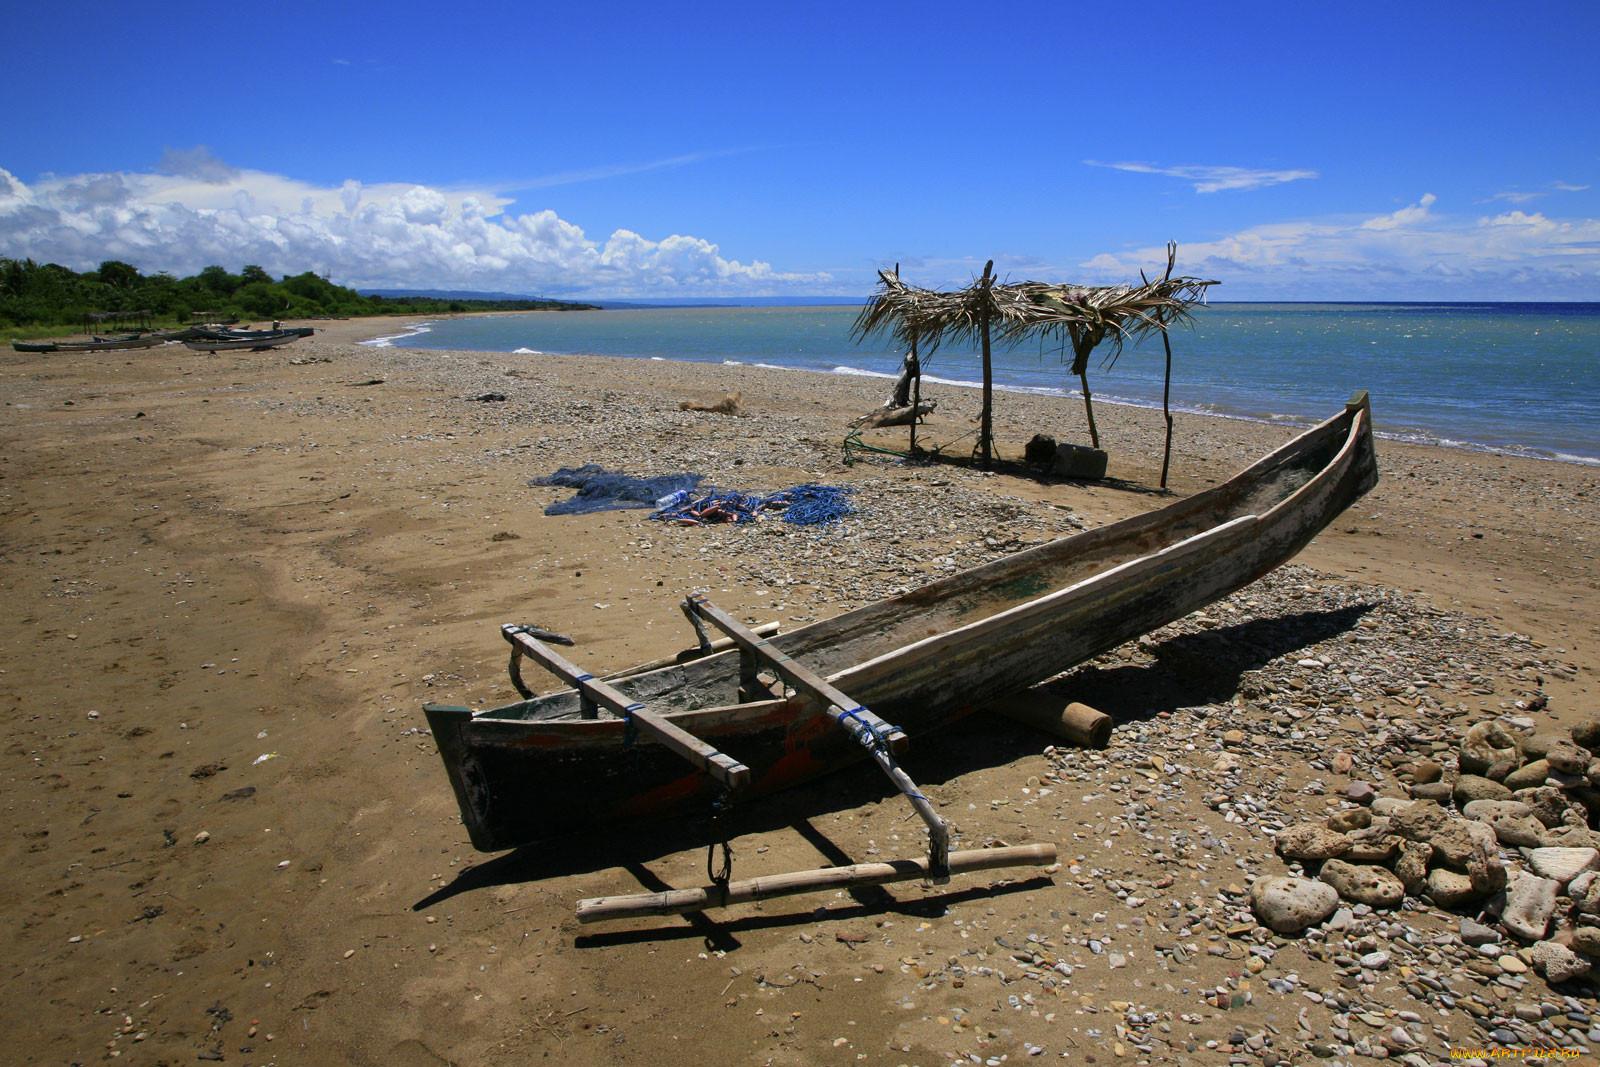 полки разных картинка море камень лодка приметы пытаемся найти кого-то